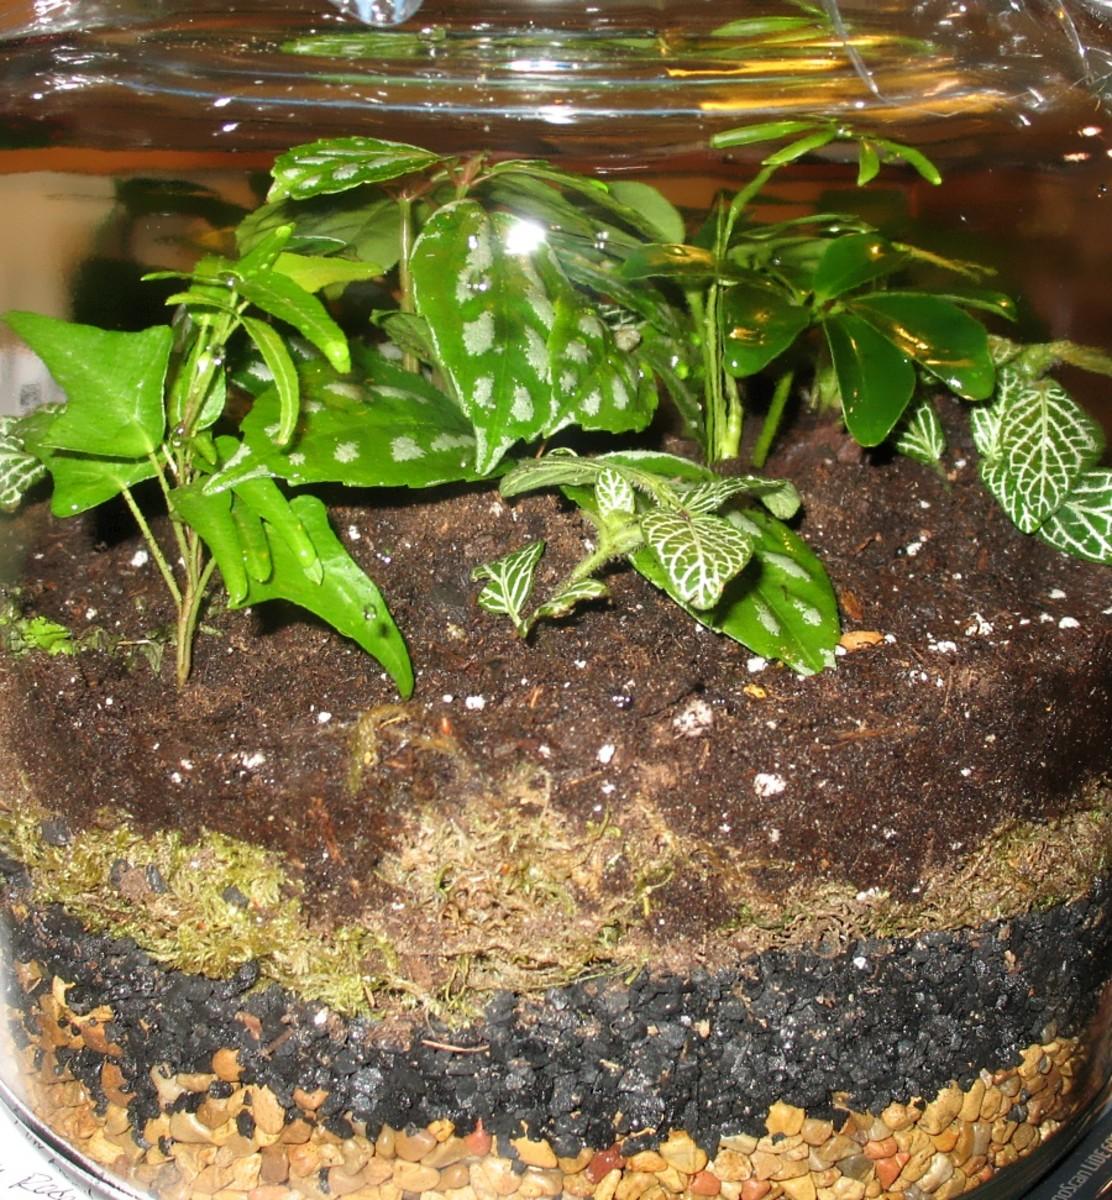 How To Make A Plant Terrarium Dengarden Home And Garden